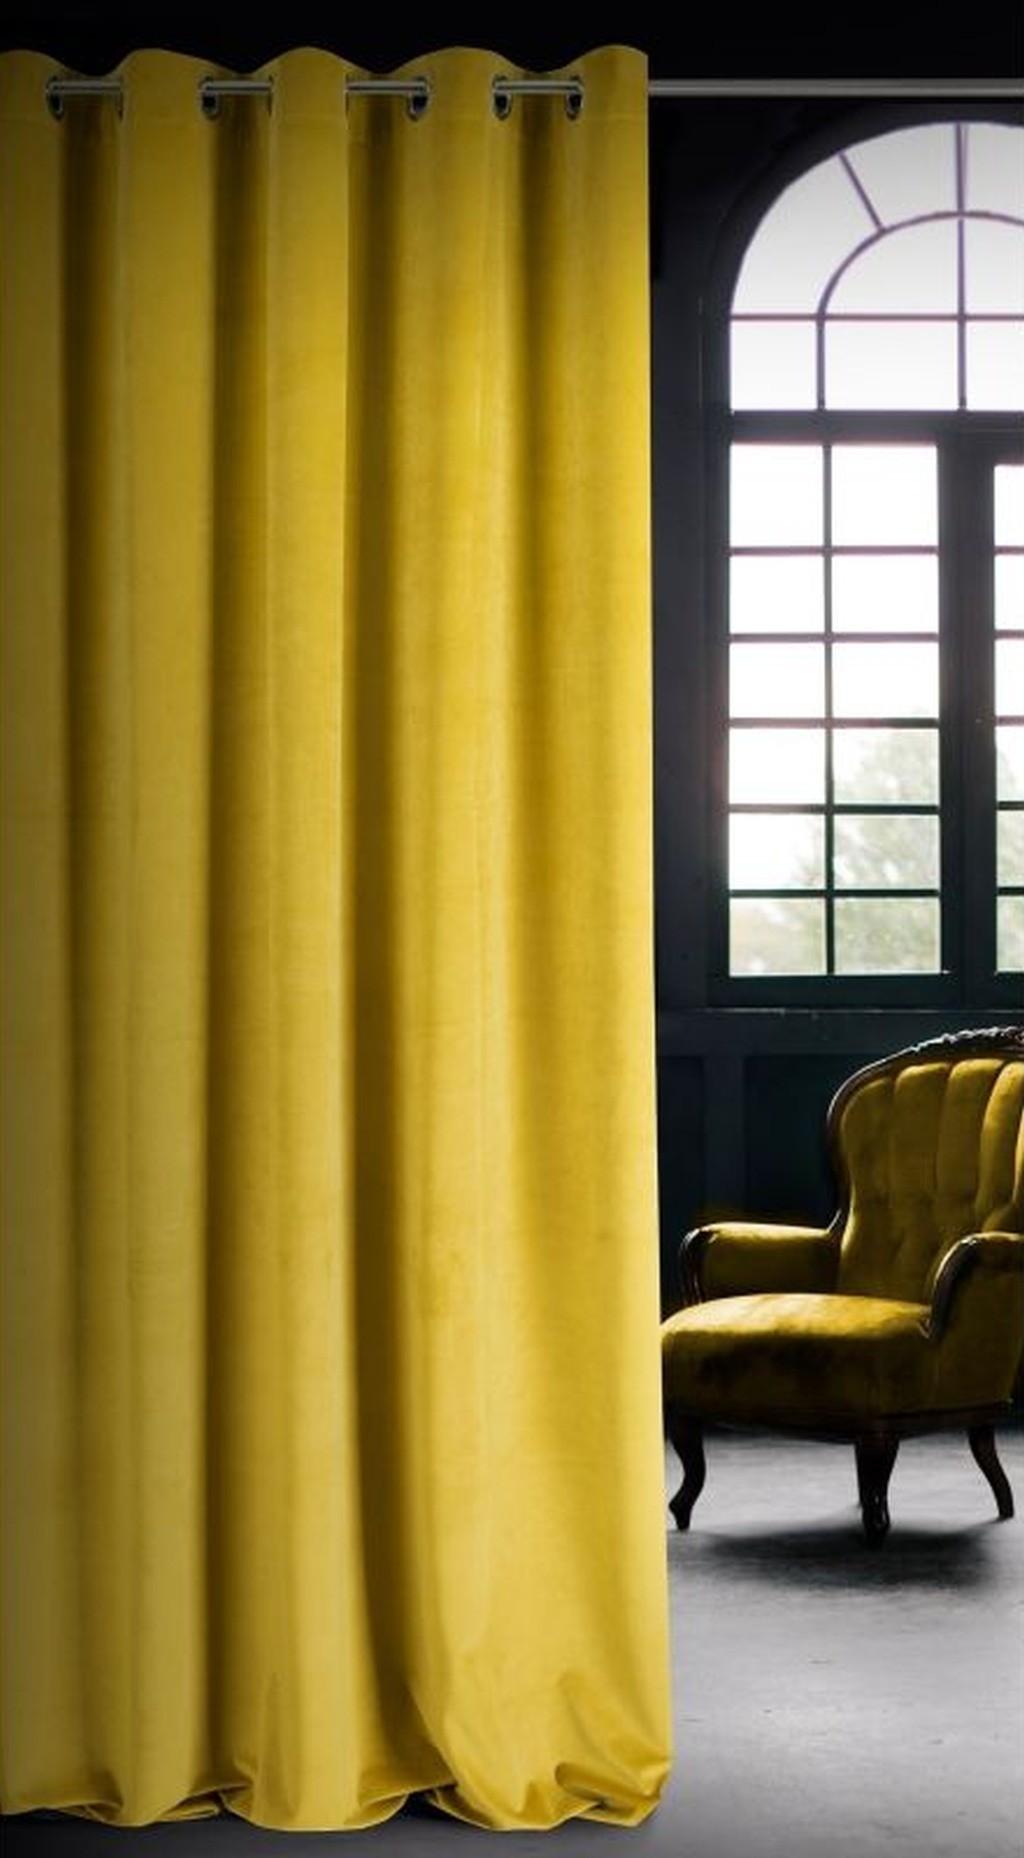 Jednobarevné žluté závěsy